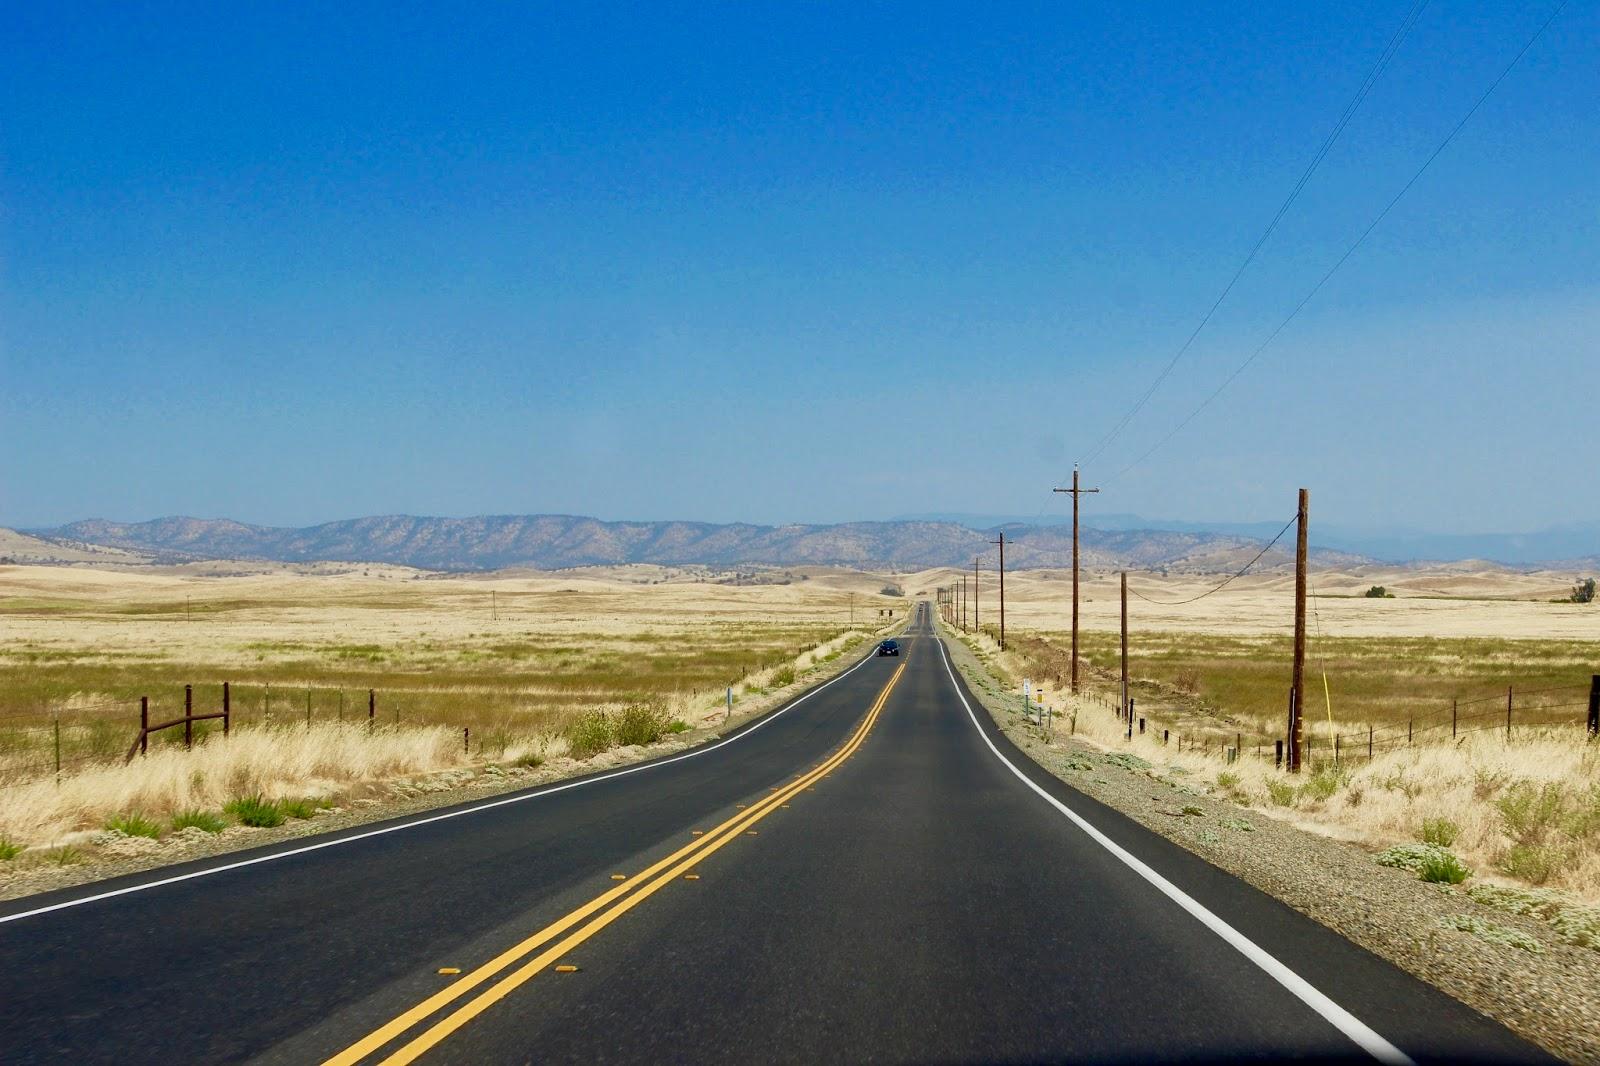 Road trip through California USA